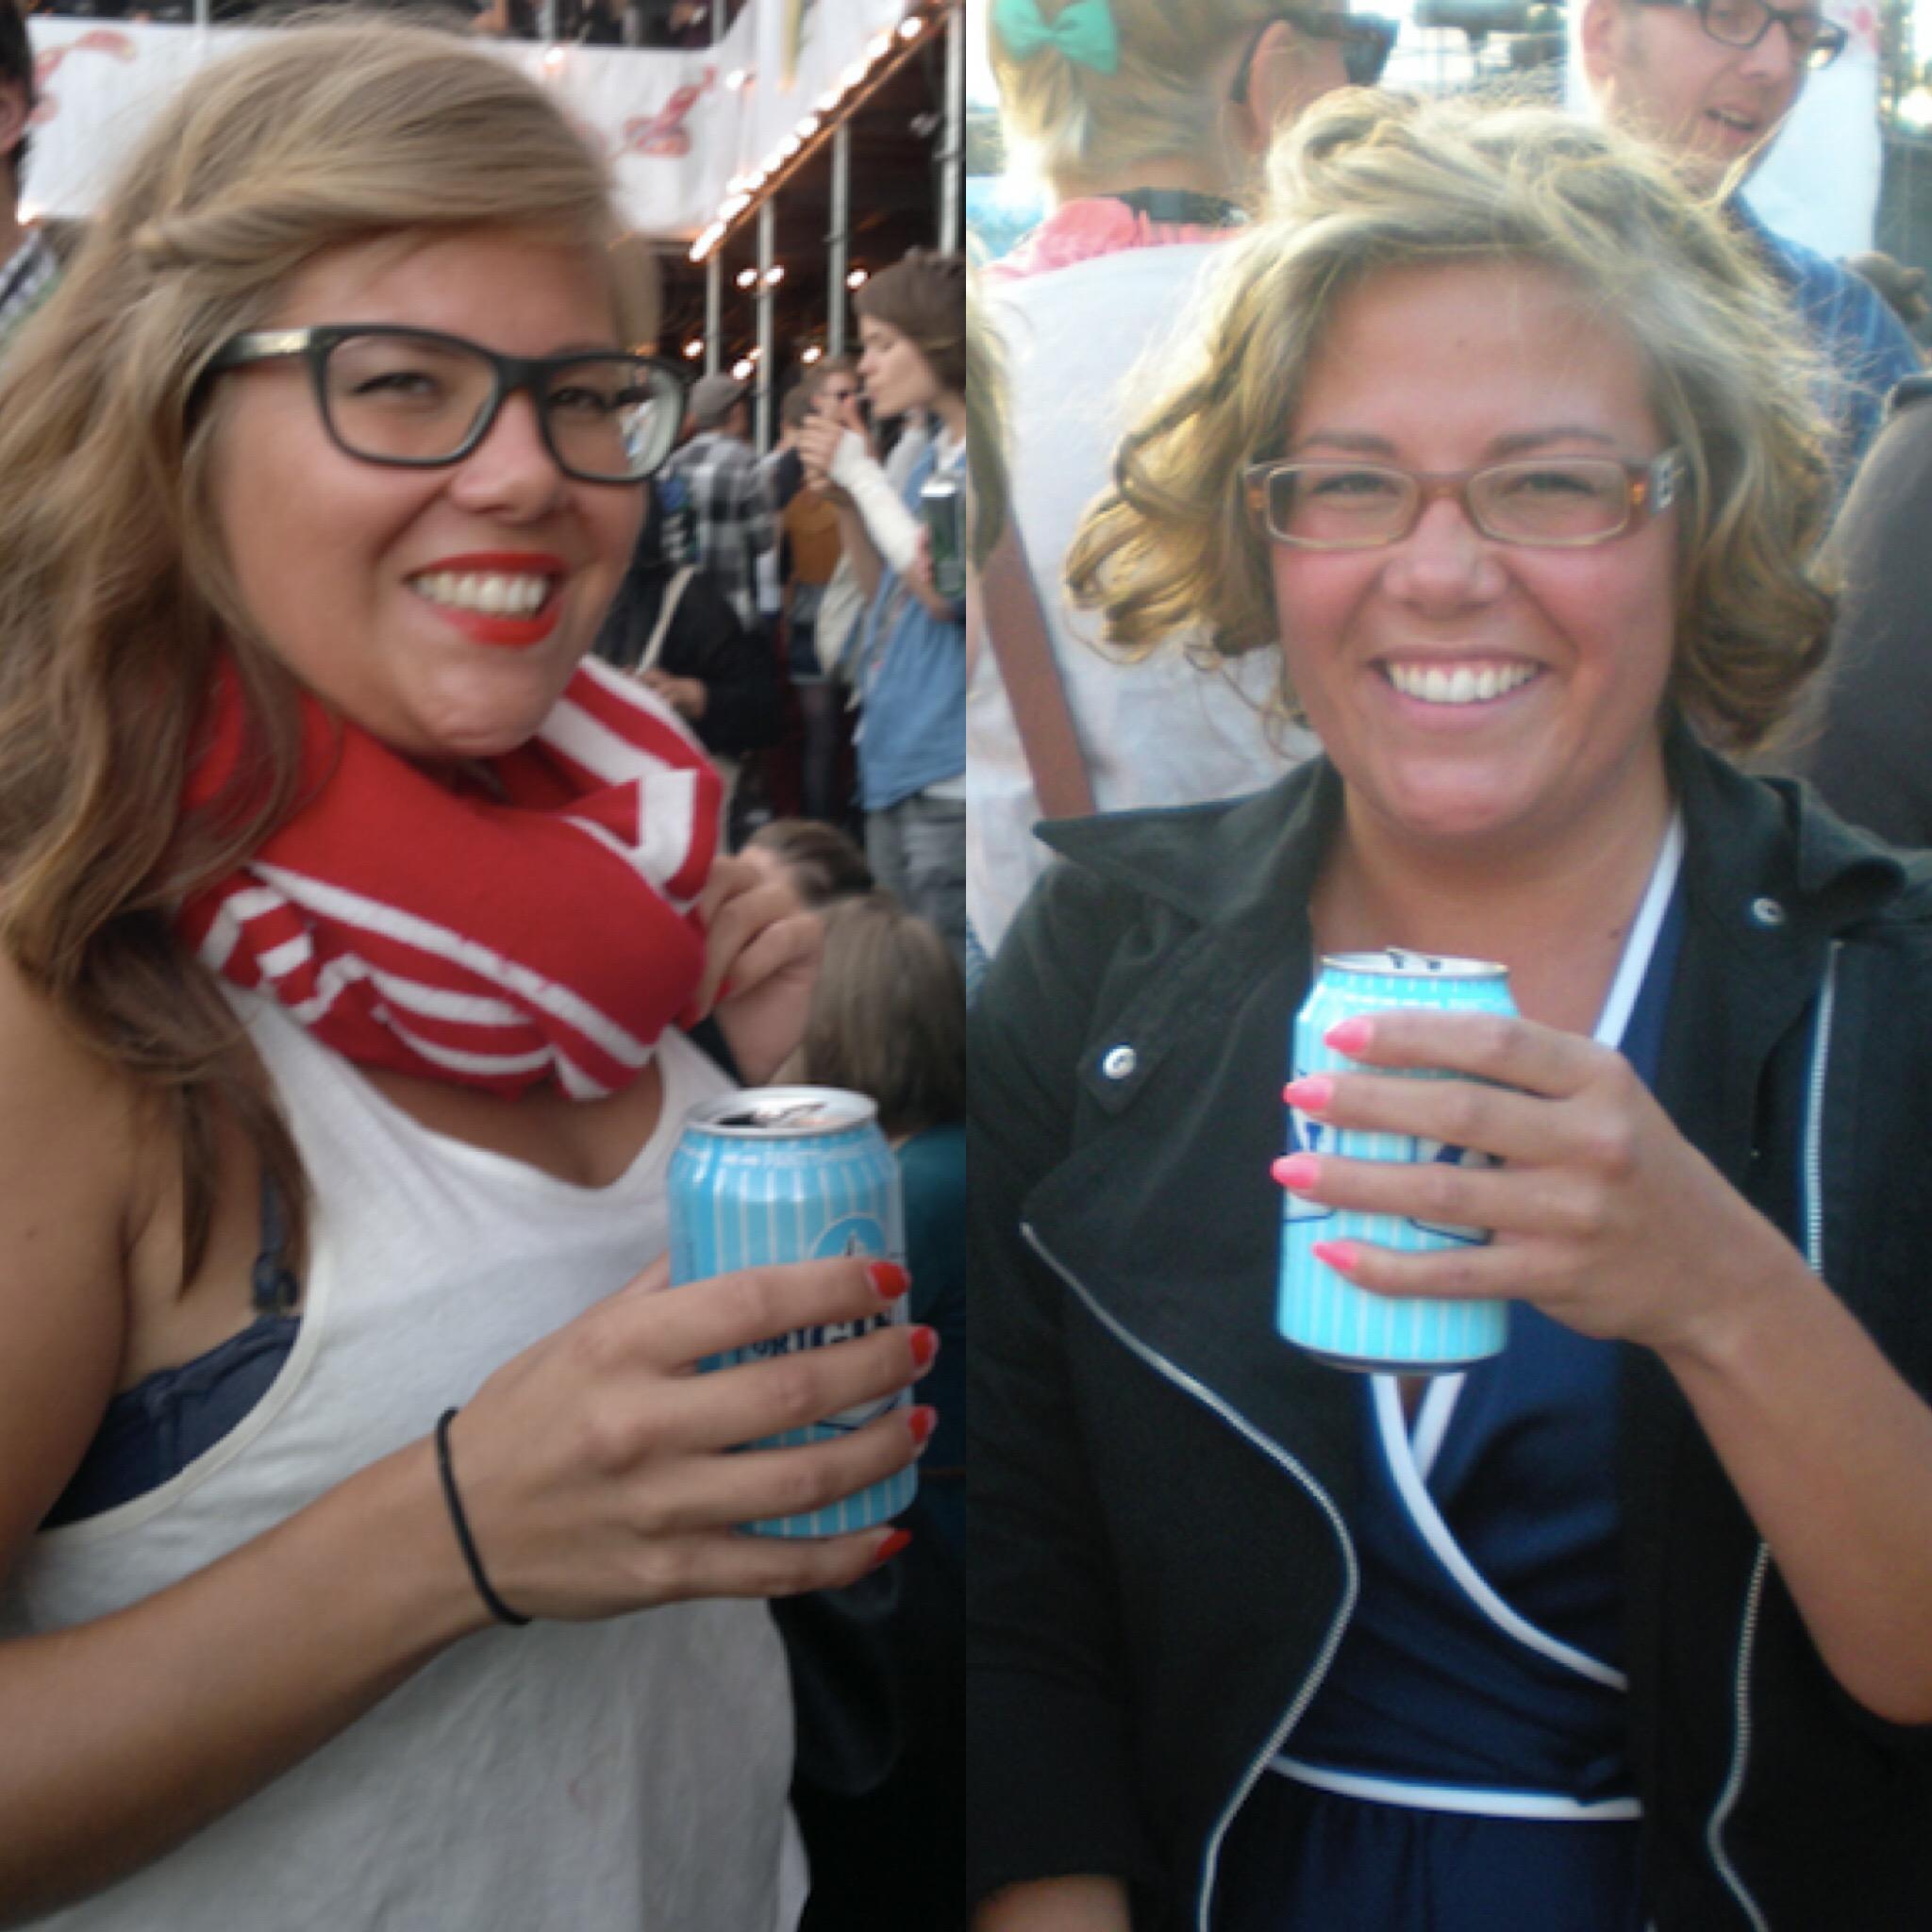 2011 // 2009. Tämän kuvaparin nimi on GENUINE LONKERO, GENUINE SMILE. Tuossa oikeanpuoleisessa kuvassa muuten, jossa minulla on ylläni kirppikseltä ostettu 70-luvun teryleenimekko, toivun parhaillani Britney meltdown -vuodestani: menin neljänä päivänä peräkkäin kampaajalle ja leikkasin piiiitkän tukkani päivä kerrallaan lyhyemmäksi, ja koska siitä tuli tosi tosi lyhyt ja tosi tosi hirveä, menin kurjuuteni maksimoimiseksi seuraavalla viikolla takaisin ja otin siihen vielä permiksen. (Tässä se on jo kasvanut aika pitkäksi.)